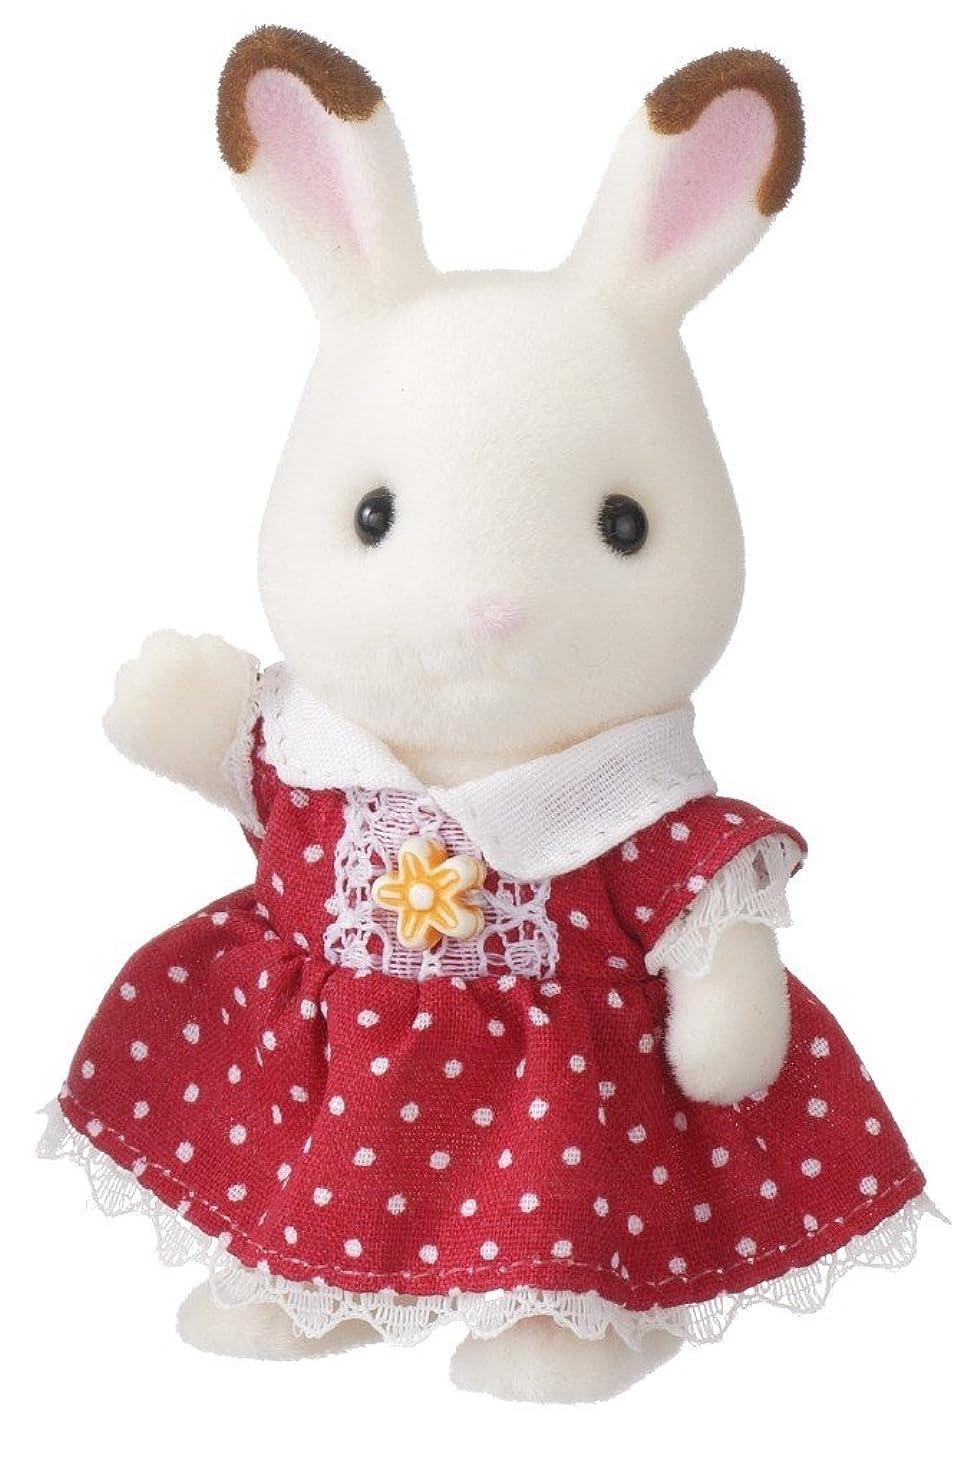 ほめる広大な真向こうシルバニアファミリー ショコラウサギの女の子 ウ-54